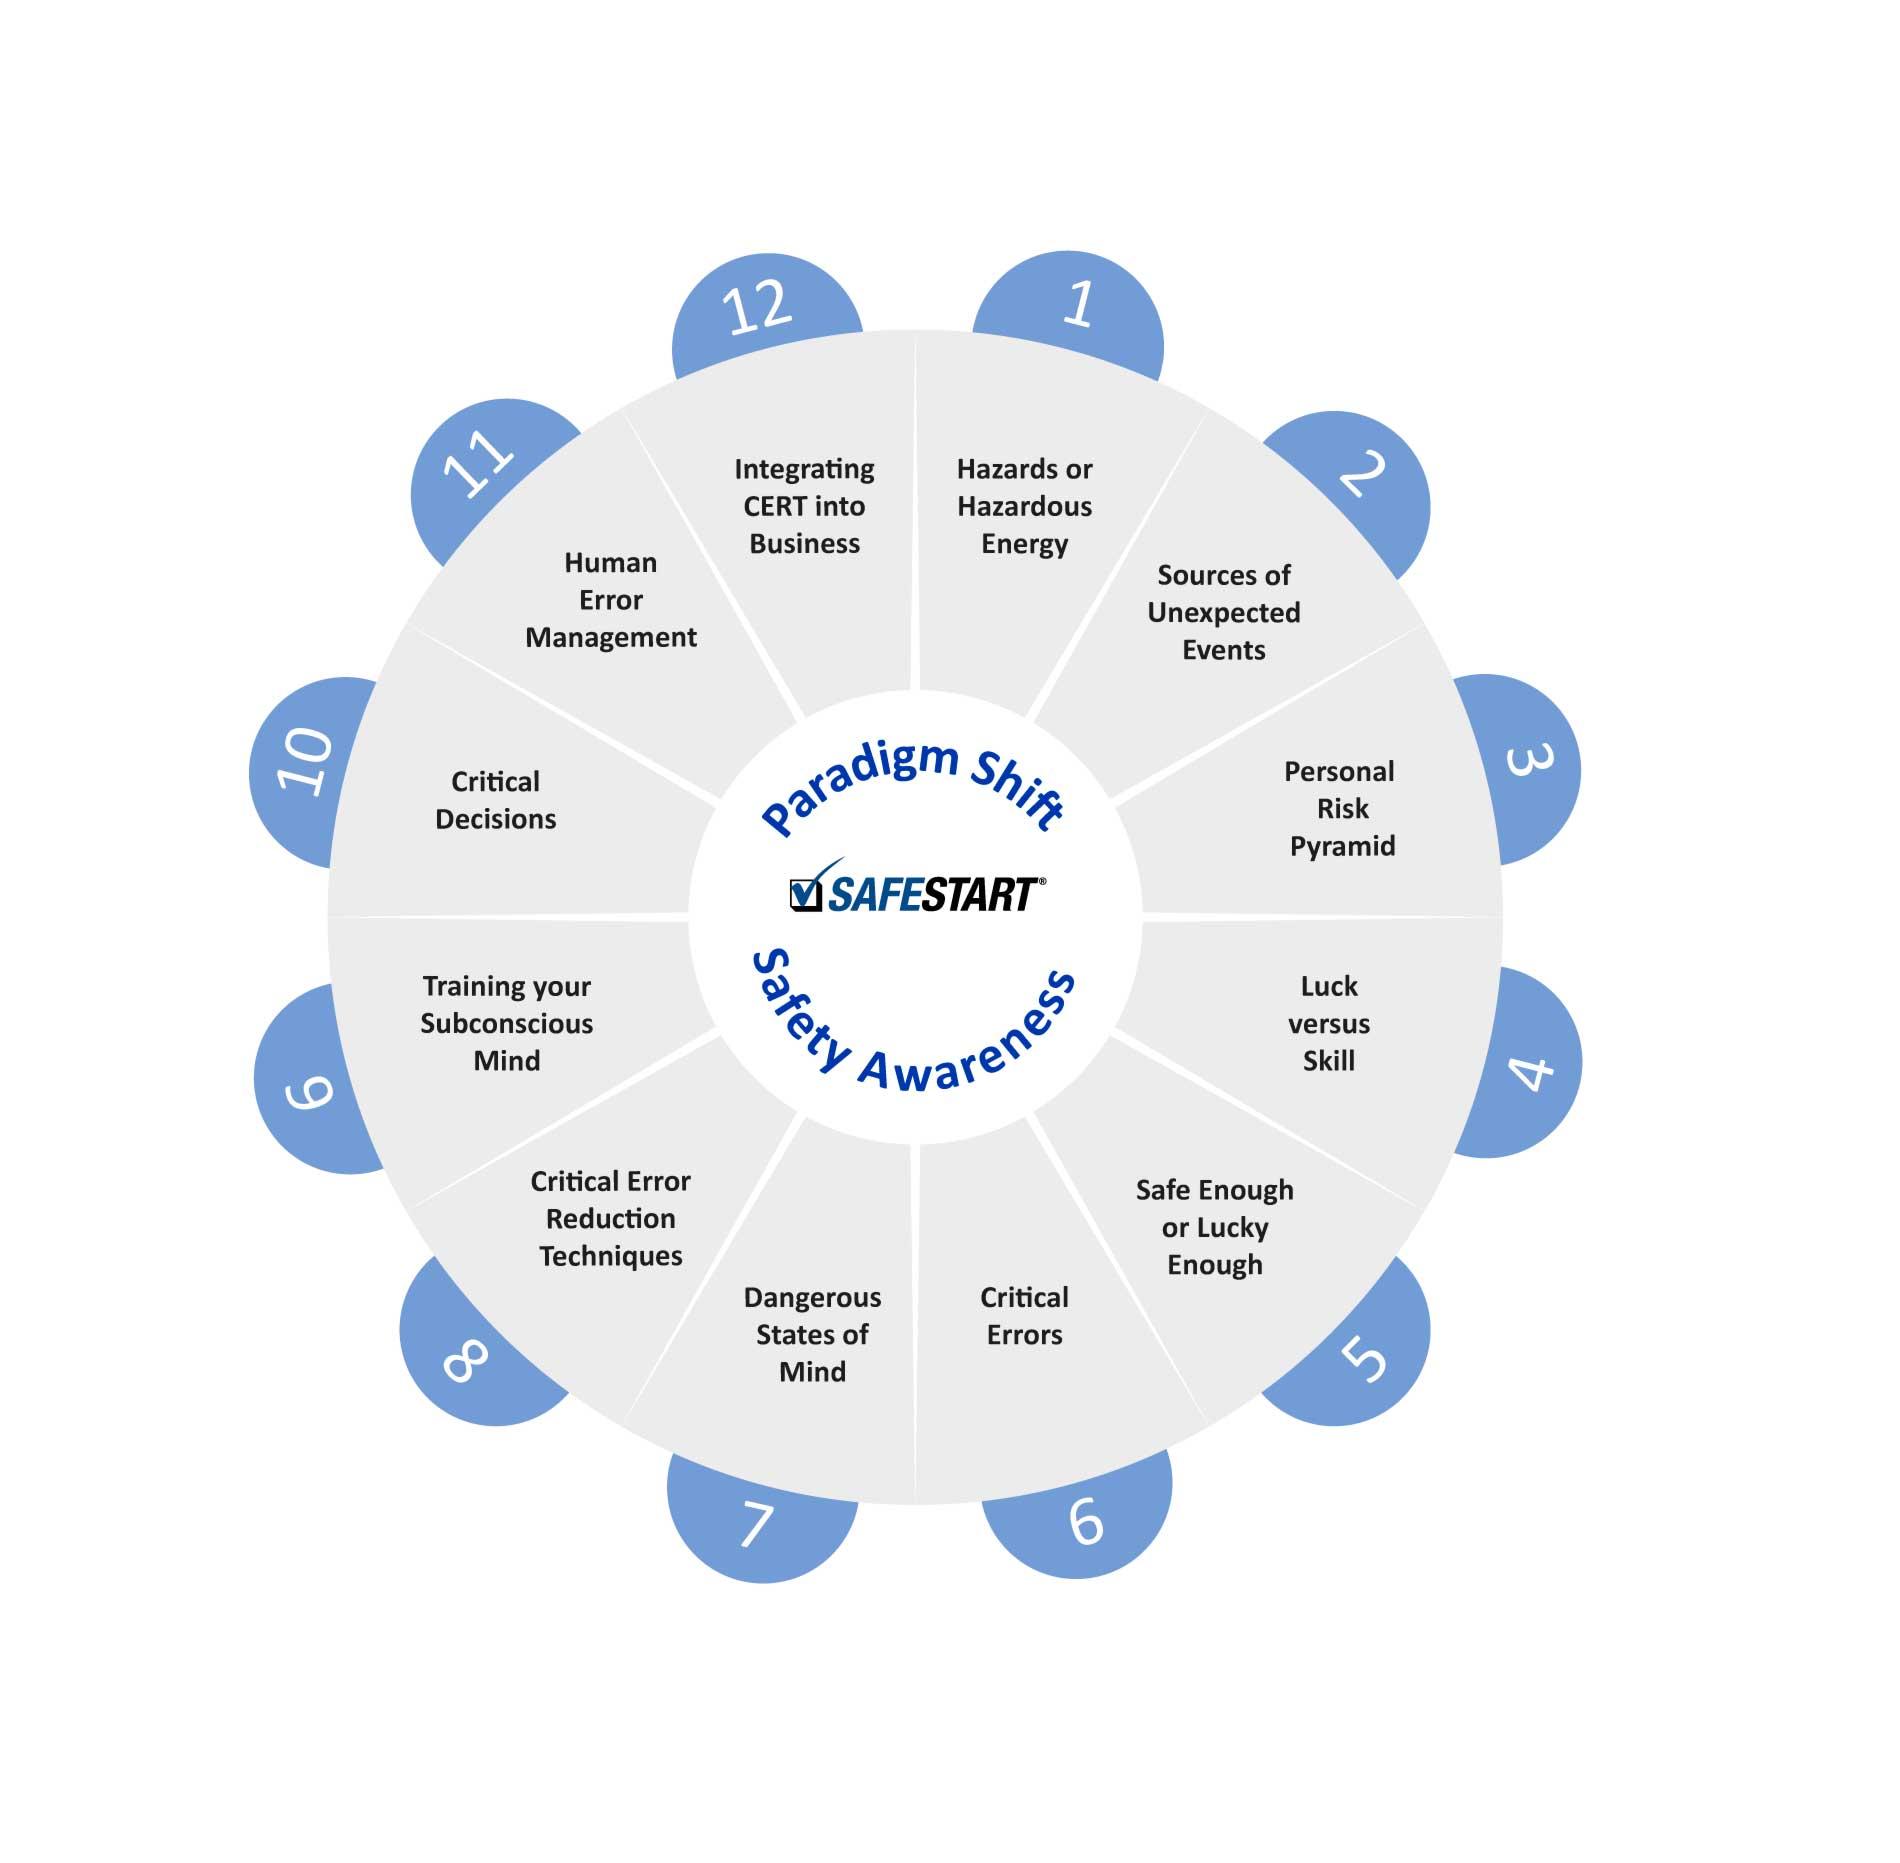 Paradigmenwechsel Arbeitssicherheit, Beitragsserie Arbeitssicherheit, Sicherheitsbewusstsein, Themenüberblick, SafeStart, SafeStart International, SafeStart Germany, Sicherheitsgewohnheiten, sicherheitsrelevante Gewohnheiten, Arbeitssicherheit, Sicherheit am Arbeitsplatz, Betriebssicherheit, Sicherheitskultur verbessern, Sicherheitsbewusstsein stärken, Bewusstsein für Sicherheit verbessern, Unfallquoten senken, Unfallzahlen reduzieren, Unternehmenszahlen verbessern, Geschäftszahlen verbessern, kritische Fehler vermeiden, kritische Fehler verhindern, einen positiven Kulturwandel im Unternehmen umsetzen, Mitarbeiterengagement fördern, Mitarbeitereinsatz fördern, Mitarbeiter motivieren, Sicherheit 24/7, rund um die Uhr Sicherheit, sichere Verhaltensweisen, sicheres Verhalten erlernen, universelle Sicherheitsfähigkeiten erlernen, sicherheitsrelevante Fähigkeiten für die Familie, Sicherheitsfähigkeiten für die ganze Familie, sicheres Verhalten für Kinder, sicherheitsrelevante Fähigkeiten für jedermann, Sicherheitsfähigkeiten für alle, Sicherheitstraining für Mitarbeiter, Sicherheit für das ganze Unternehmen, sicherheitsrelevante Fähigkeiten für alle Mitarbeiter, Mitarbeiterverhalten sicher machen, operative Effizienz verbessern, organisatorische Effizienz verbessern, bessere operative Performance erreichen, Qualität verbessern, sicherheitsrelevante Gewohnheiten, sicherheitsrelevante Verhaltensweisen, Risikomuster, Risikoabschätzung, Gefährdungsabschätzung, High Performance gewährleisten, Top-Performance im Unternehmen erreichen, kritische Zustände, kritische persönliche Verfassung, kritische Entscheidungen, kritische Fehler vermeiden, wie Verletzungen passieren, Verletzungen vermeiden, wie man Verletzungen verhindern kann, Unfälle verhindern, wie man Unfälle vermeiden kann, menschliches Versagen reduzieren, menschlichem Versagen vorbeugen, gegen menschliches Versagen vorgehen, Strategie gegen menschliches Versagen, Unfälle reduzieren, Verletzungen reduzieren, Sicherheits